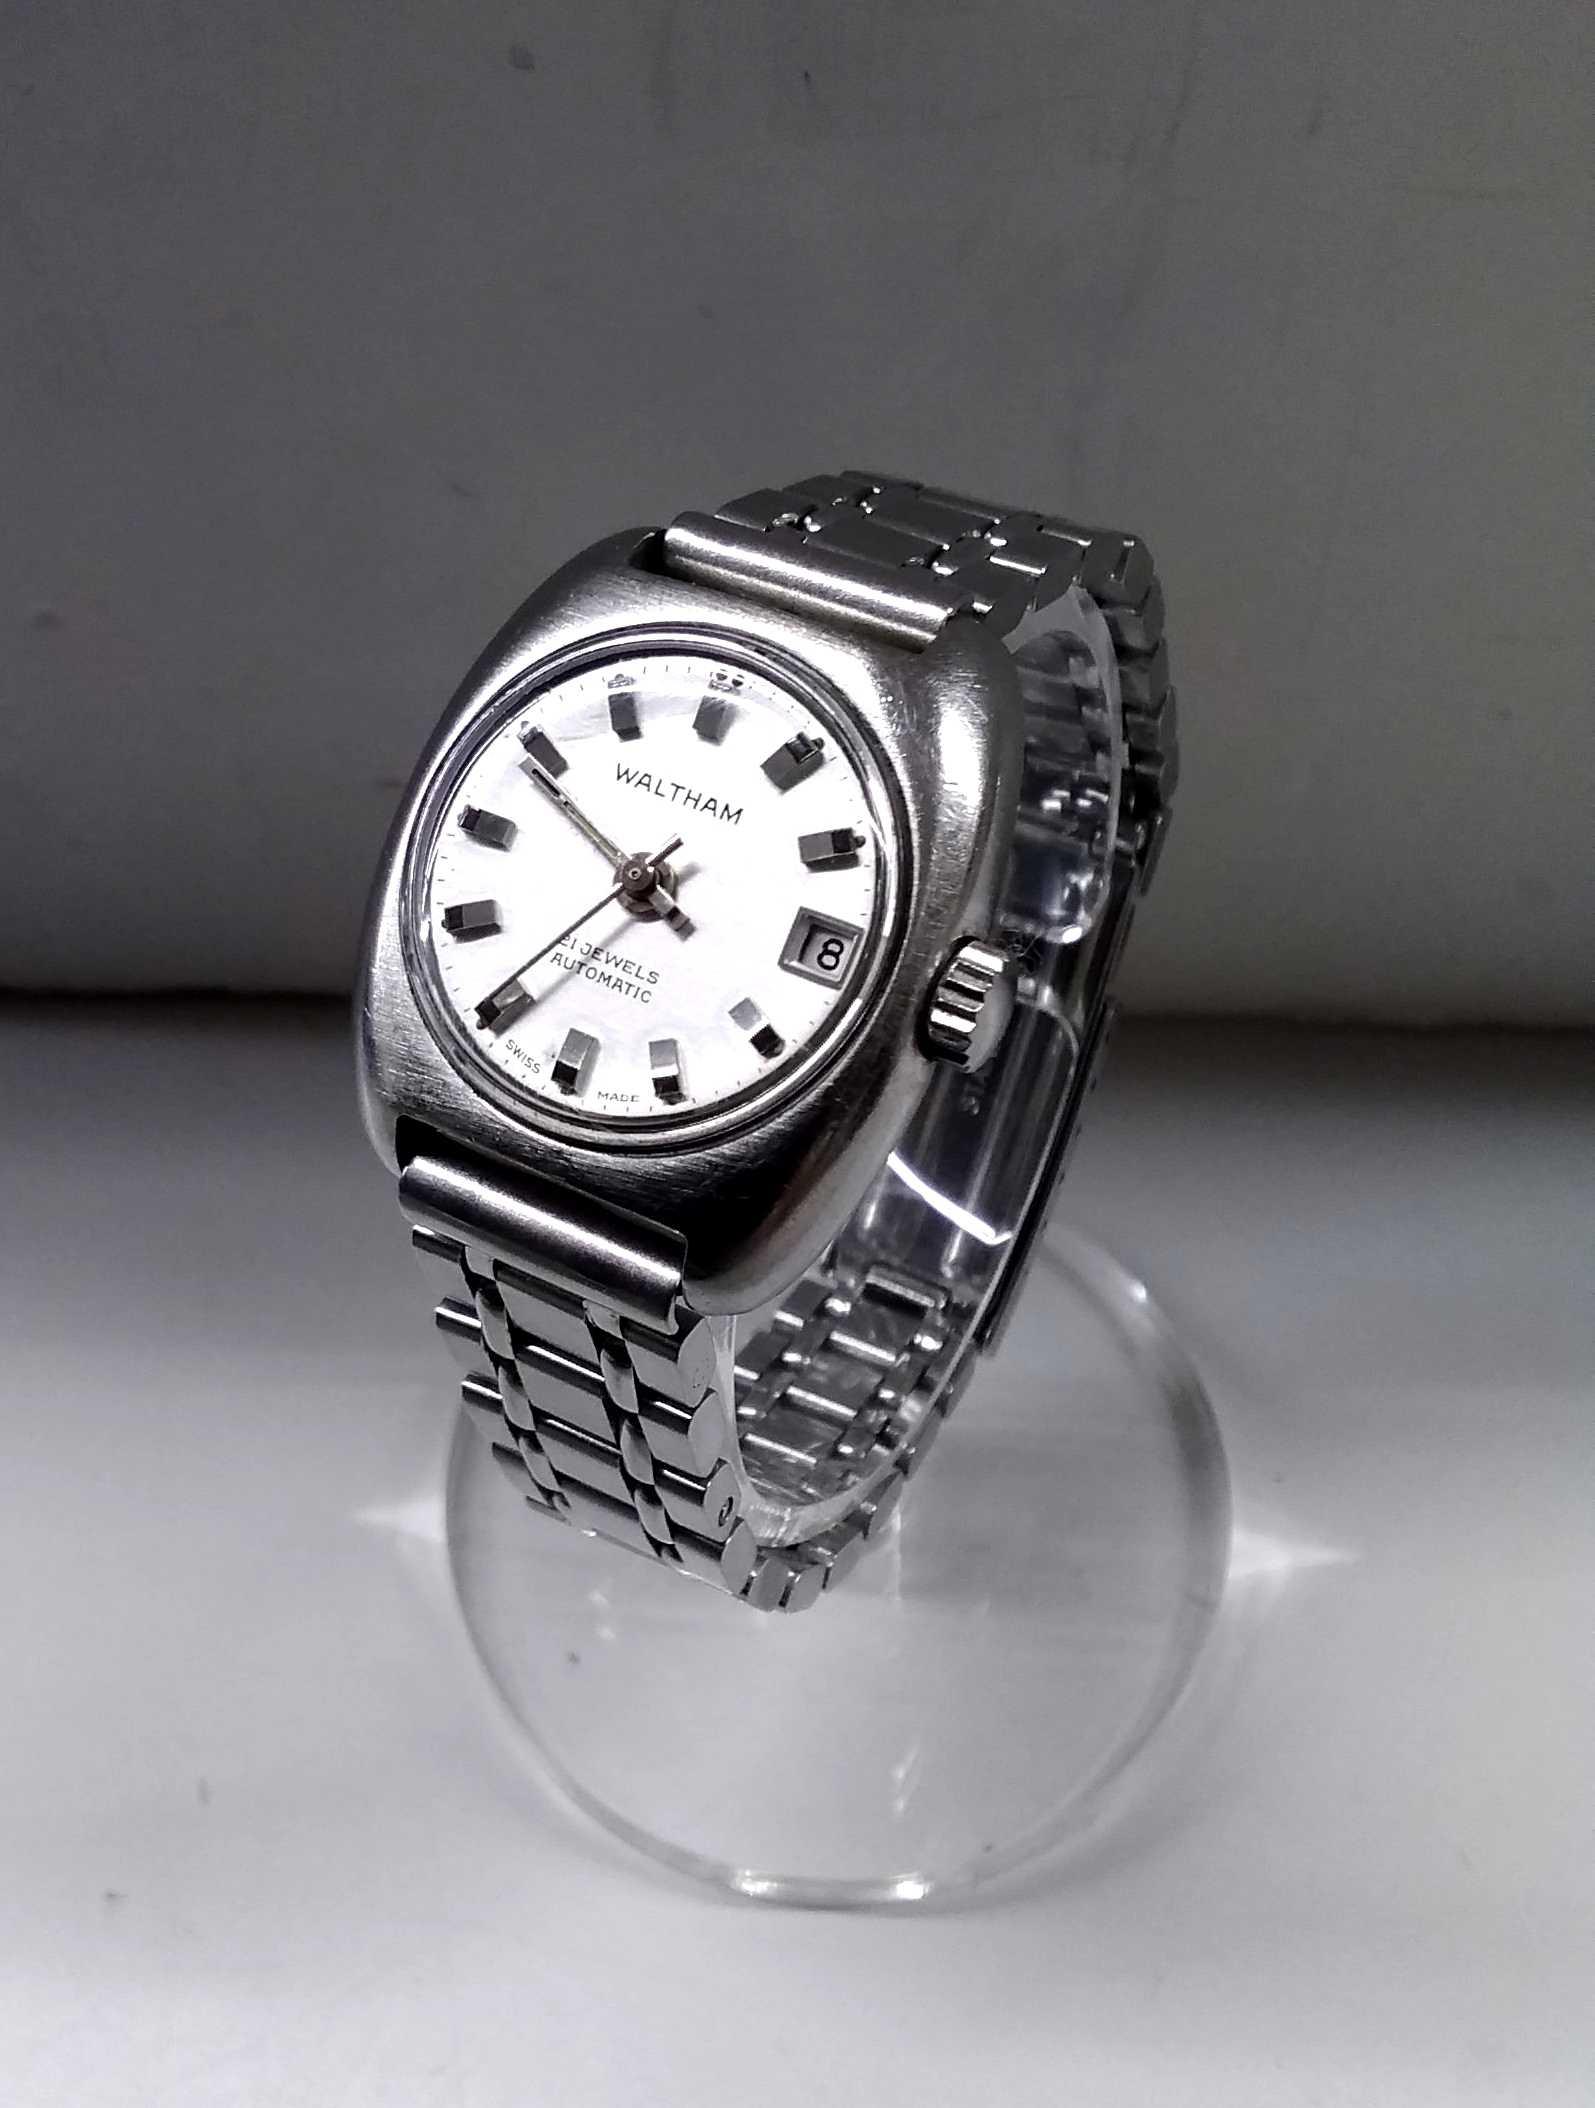 ウォルサム 自動巻き腕時計|WALTHAM